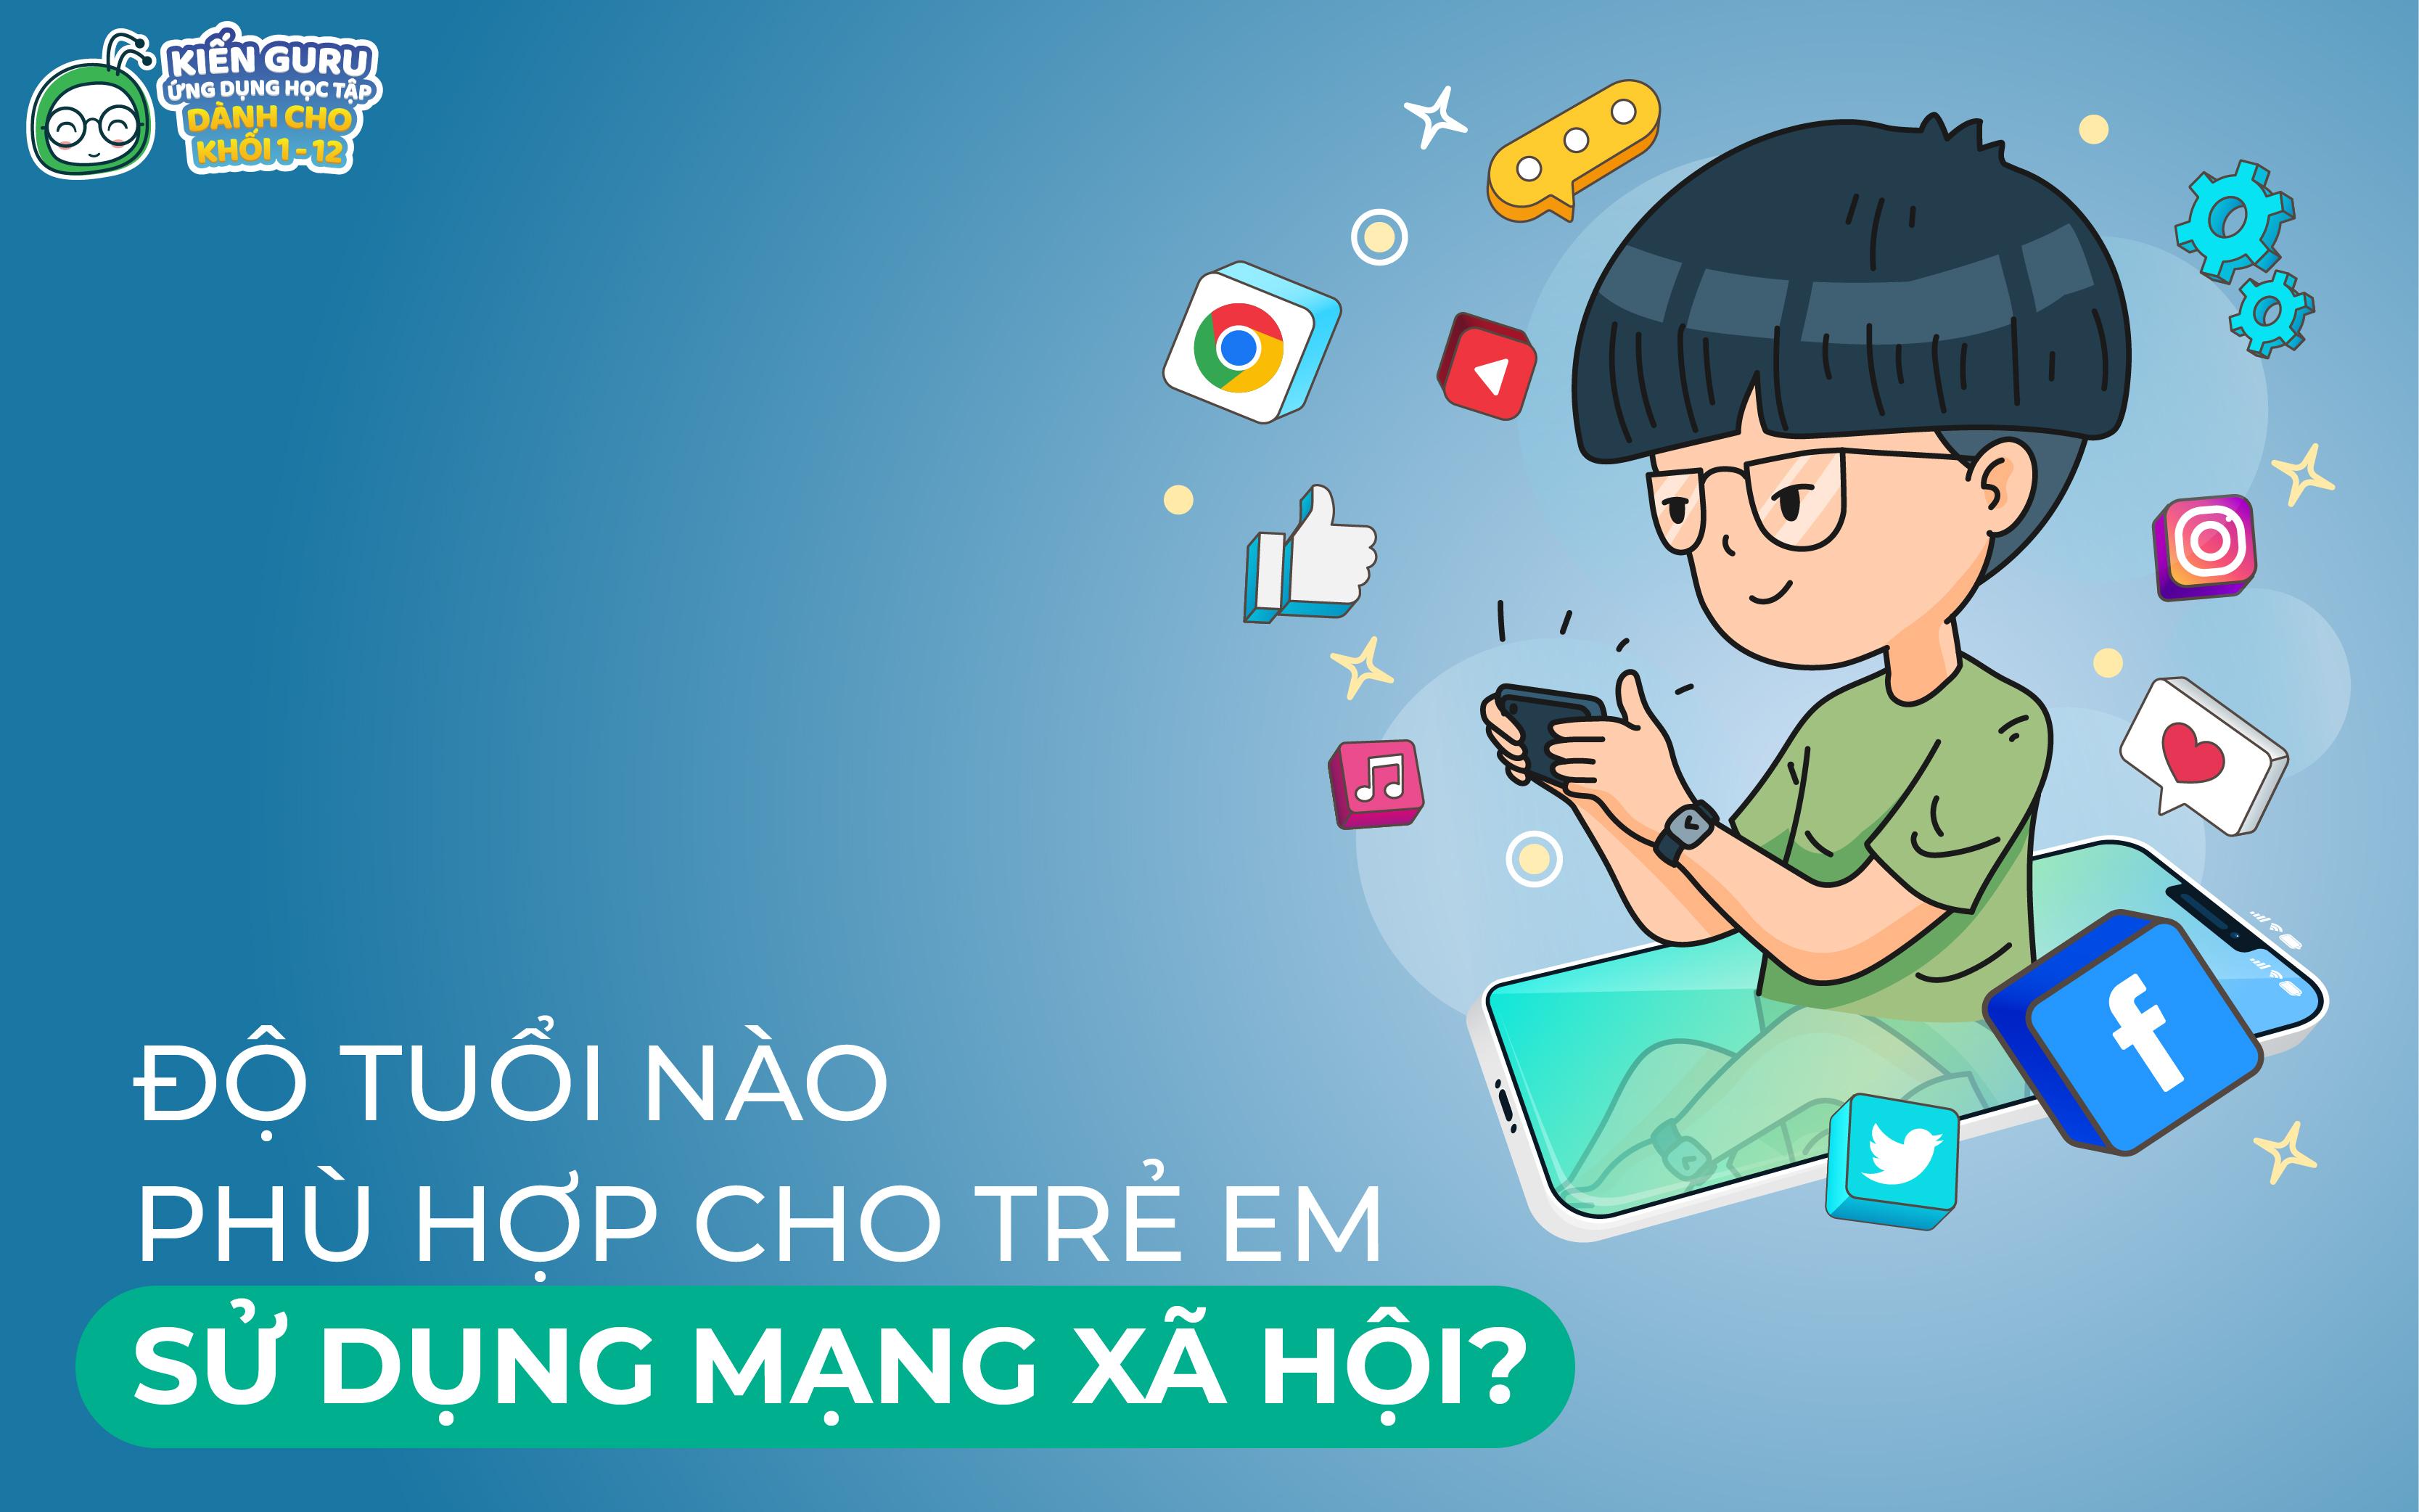 độ tuổi phù hợp để cho trẻ sử dụng mạng xã hội